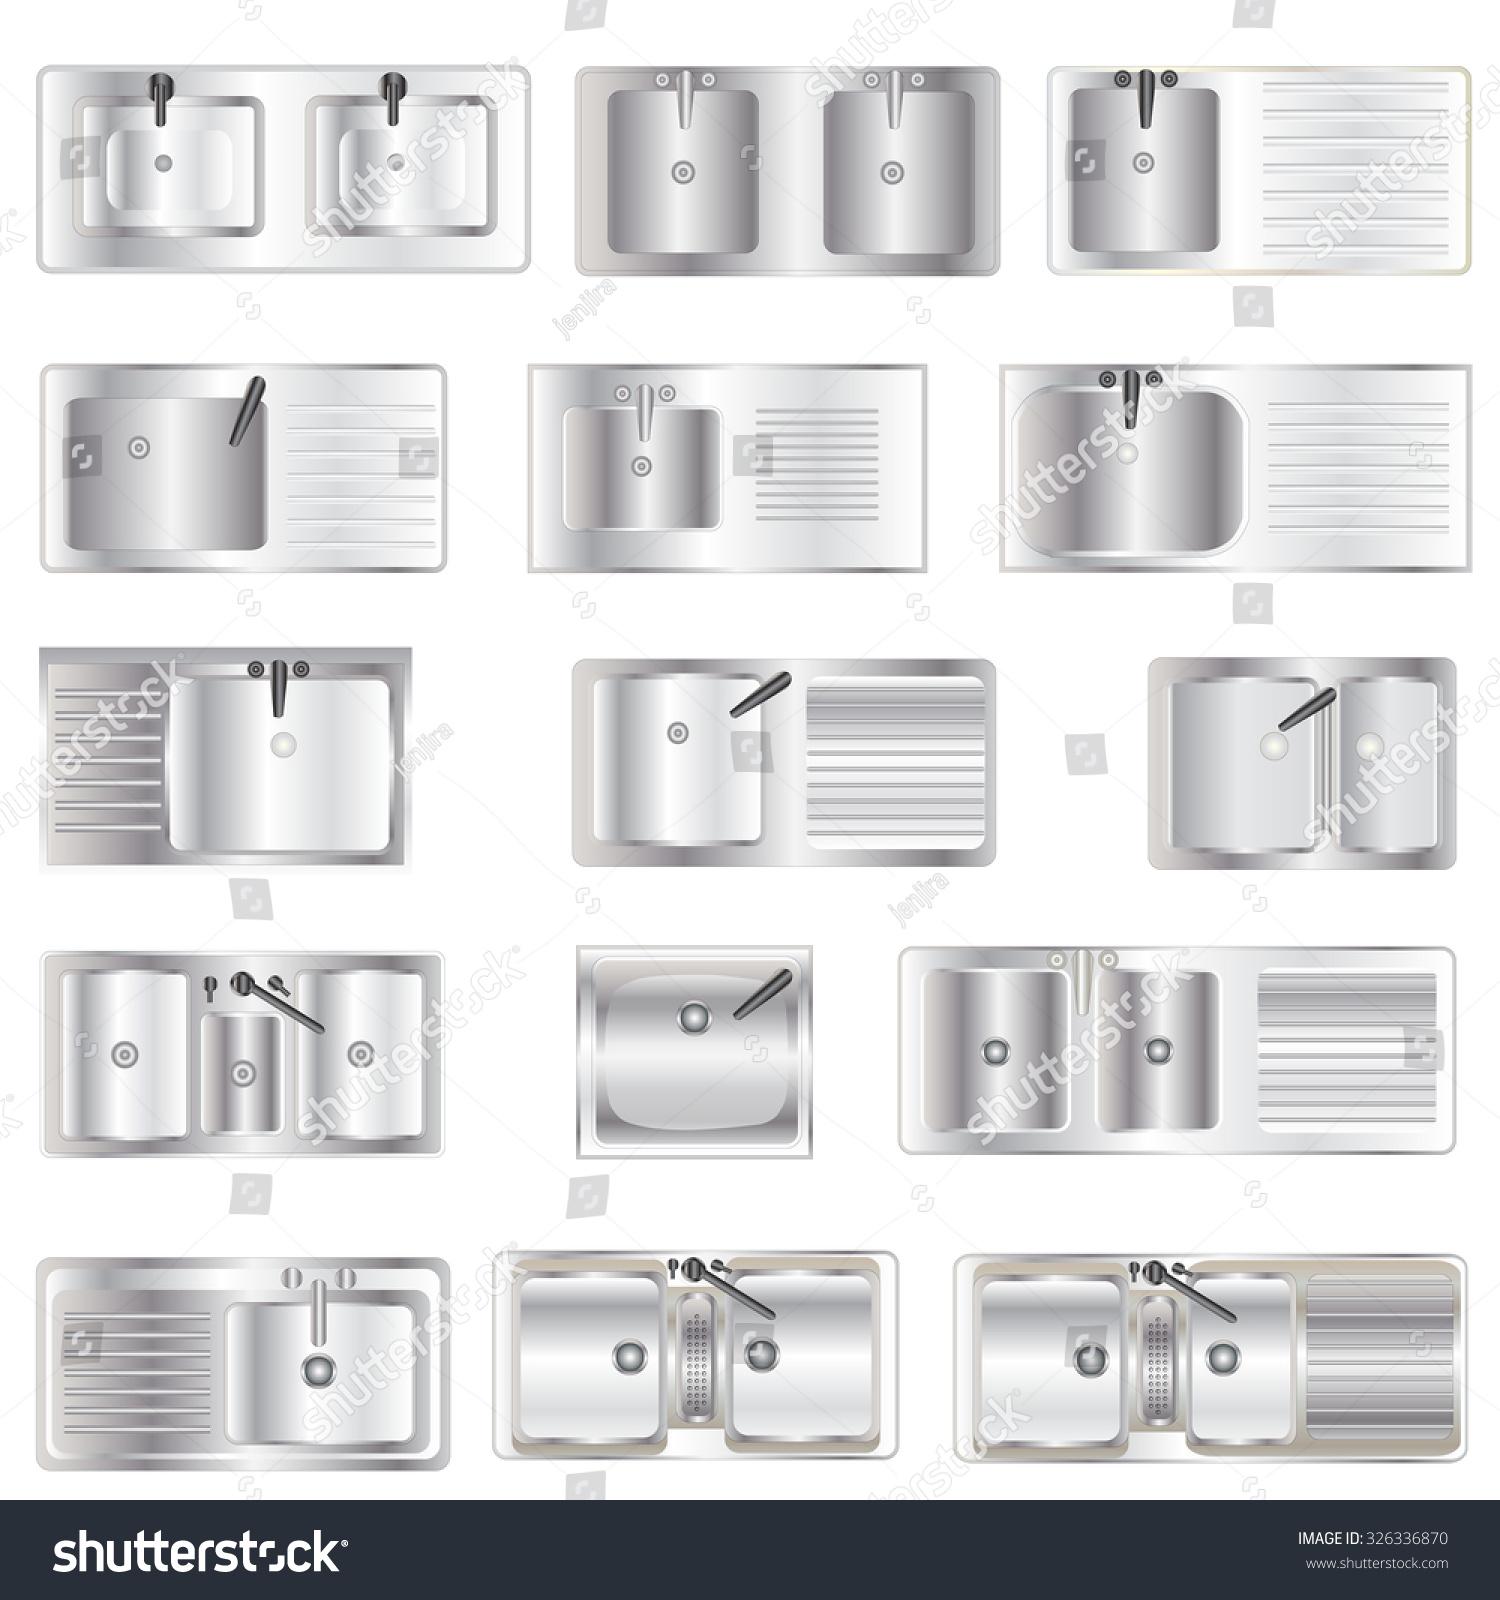 Kitchen Equipment Sinks Top View Set Stock Vector